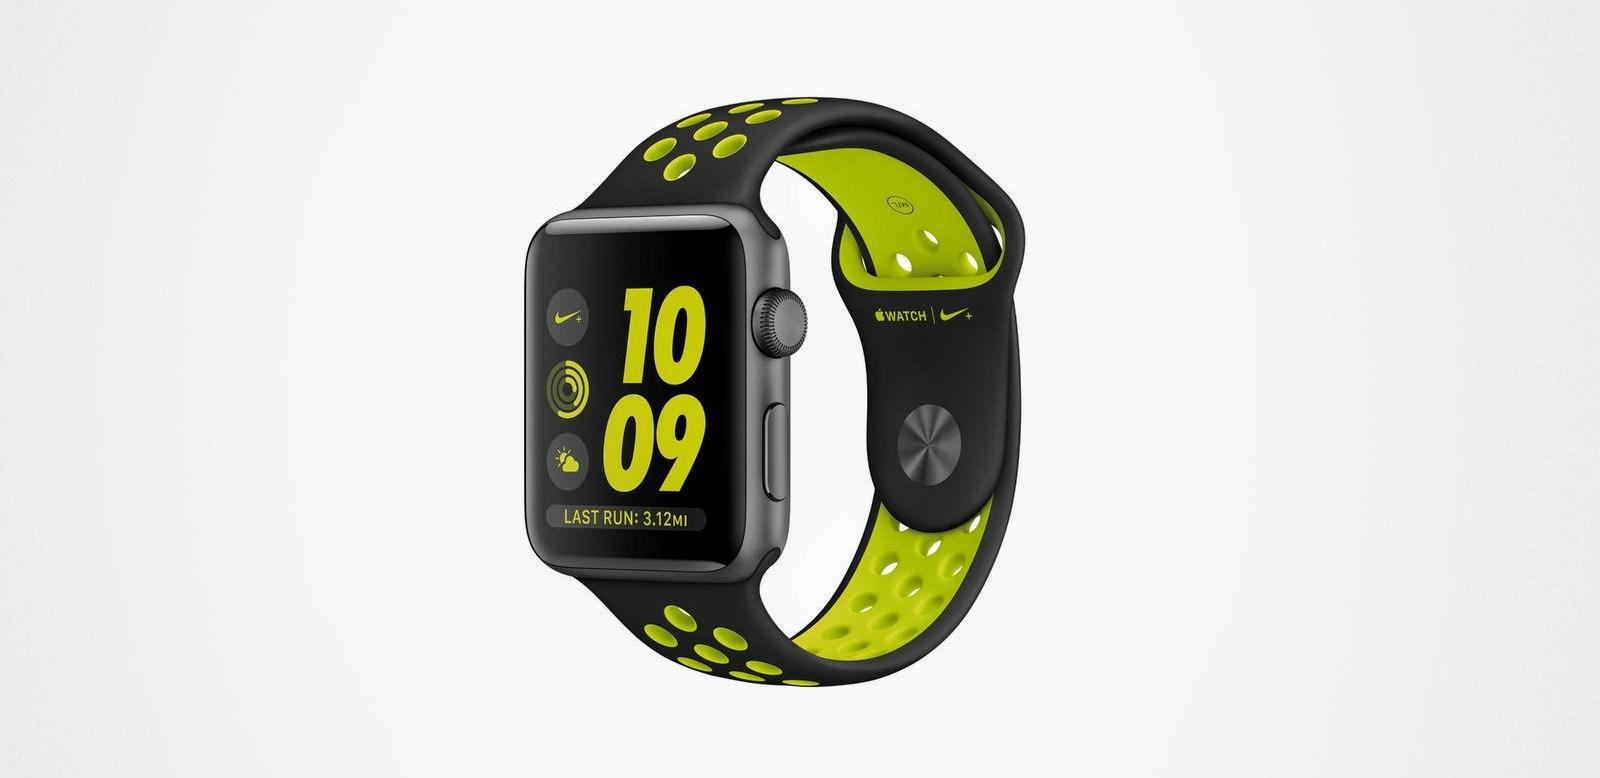 Fitness Aplikaziorik Onenak Apple Watch Series 4 & Multzoa 5